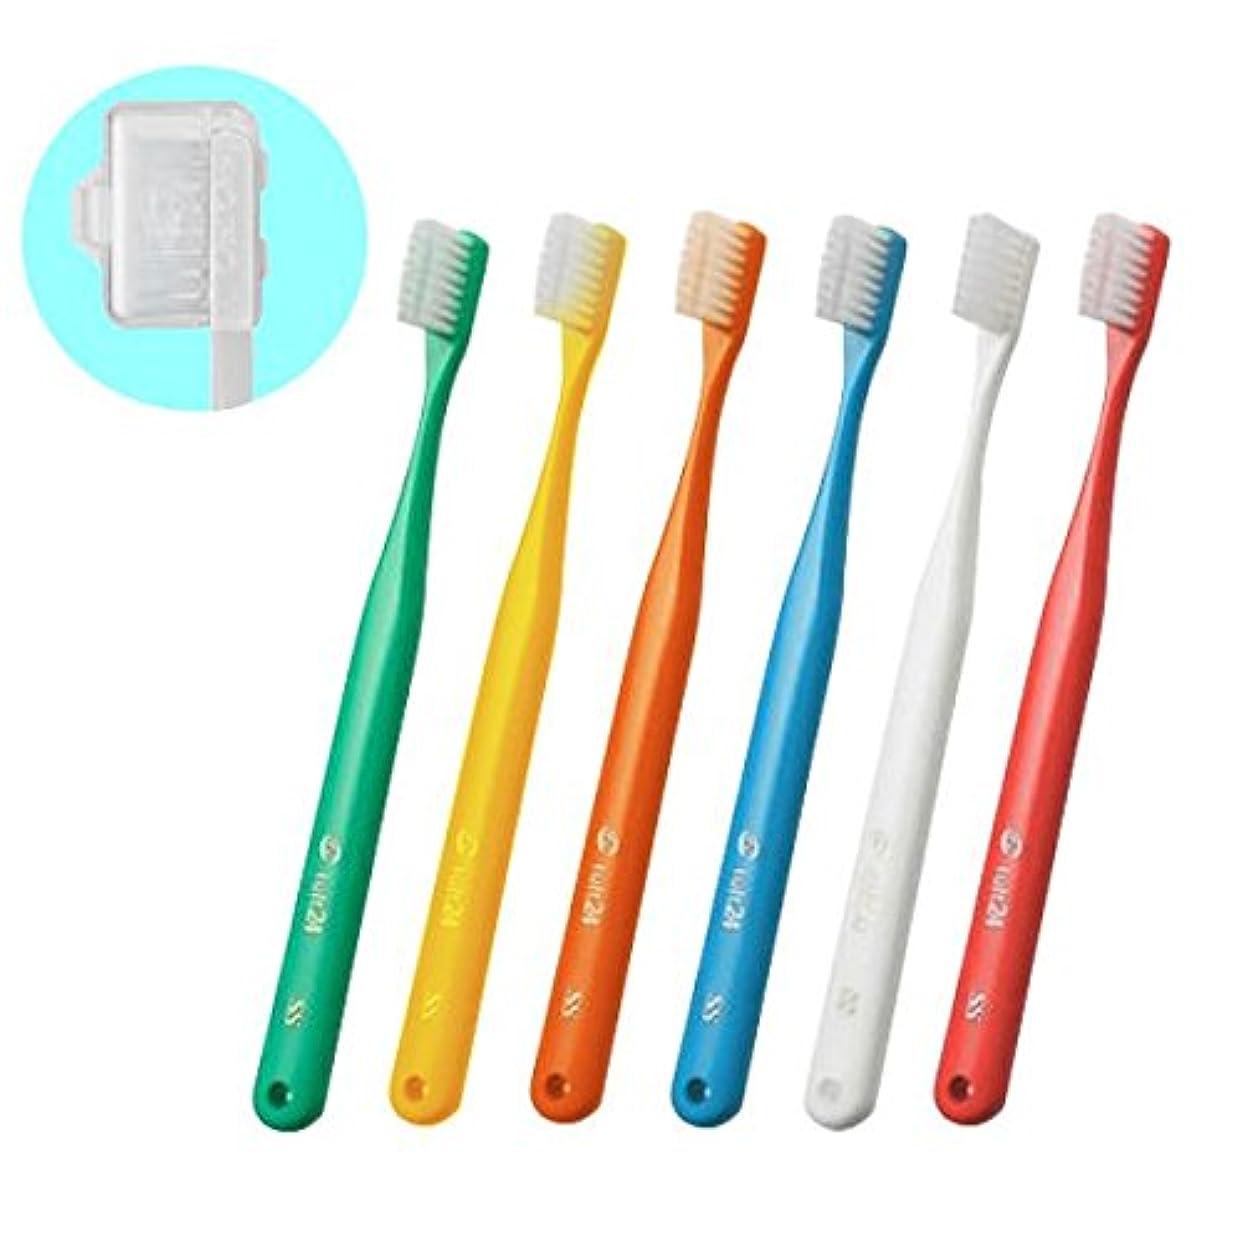 オーラルケア キャップ付き タフト 24 歯ブラシ スーパーソフト 5本 (アソート)